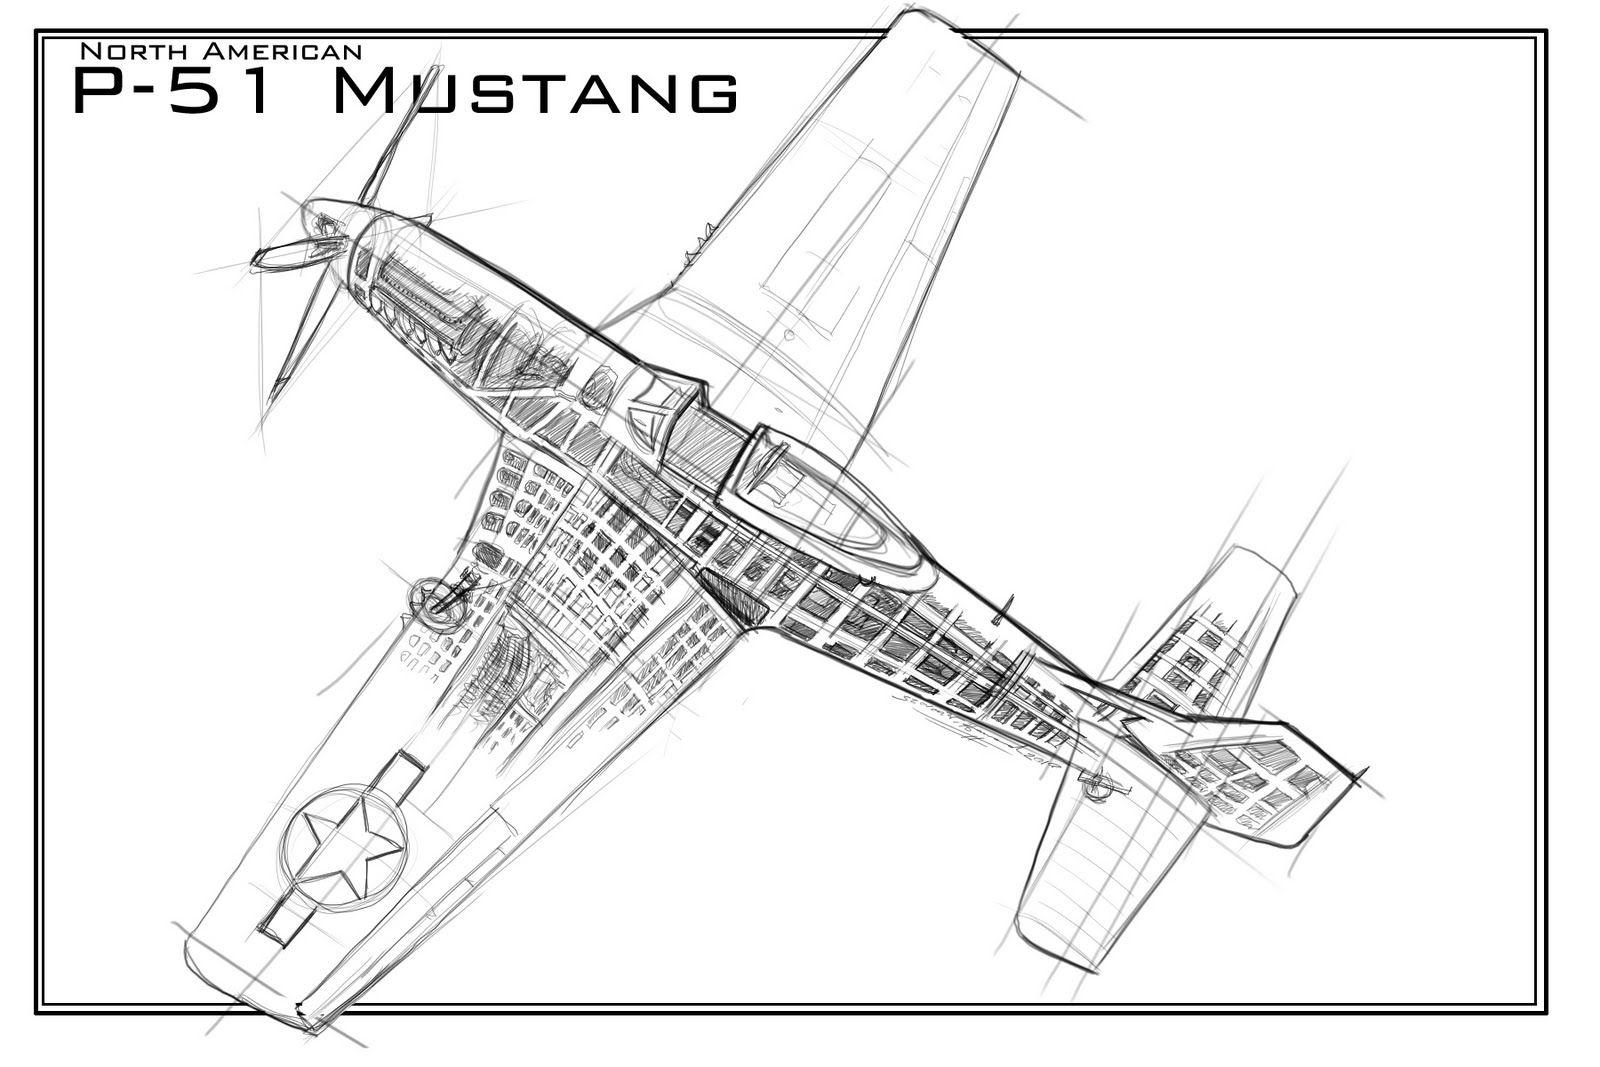 Mustang P51 Cutaways T Cutaway Mustang And Aircraft